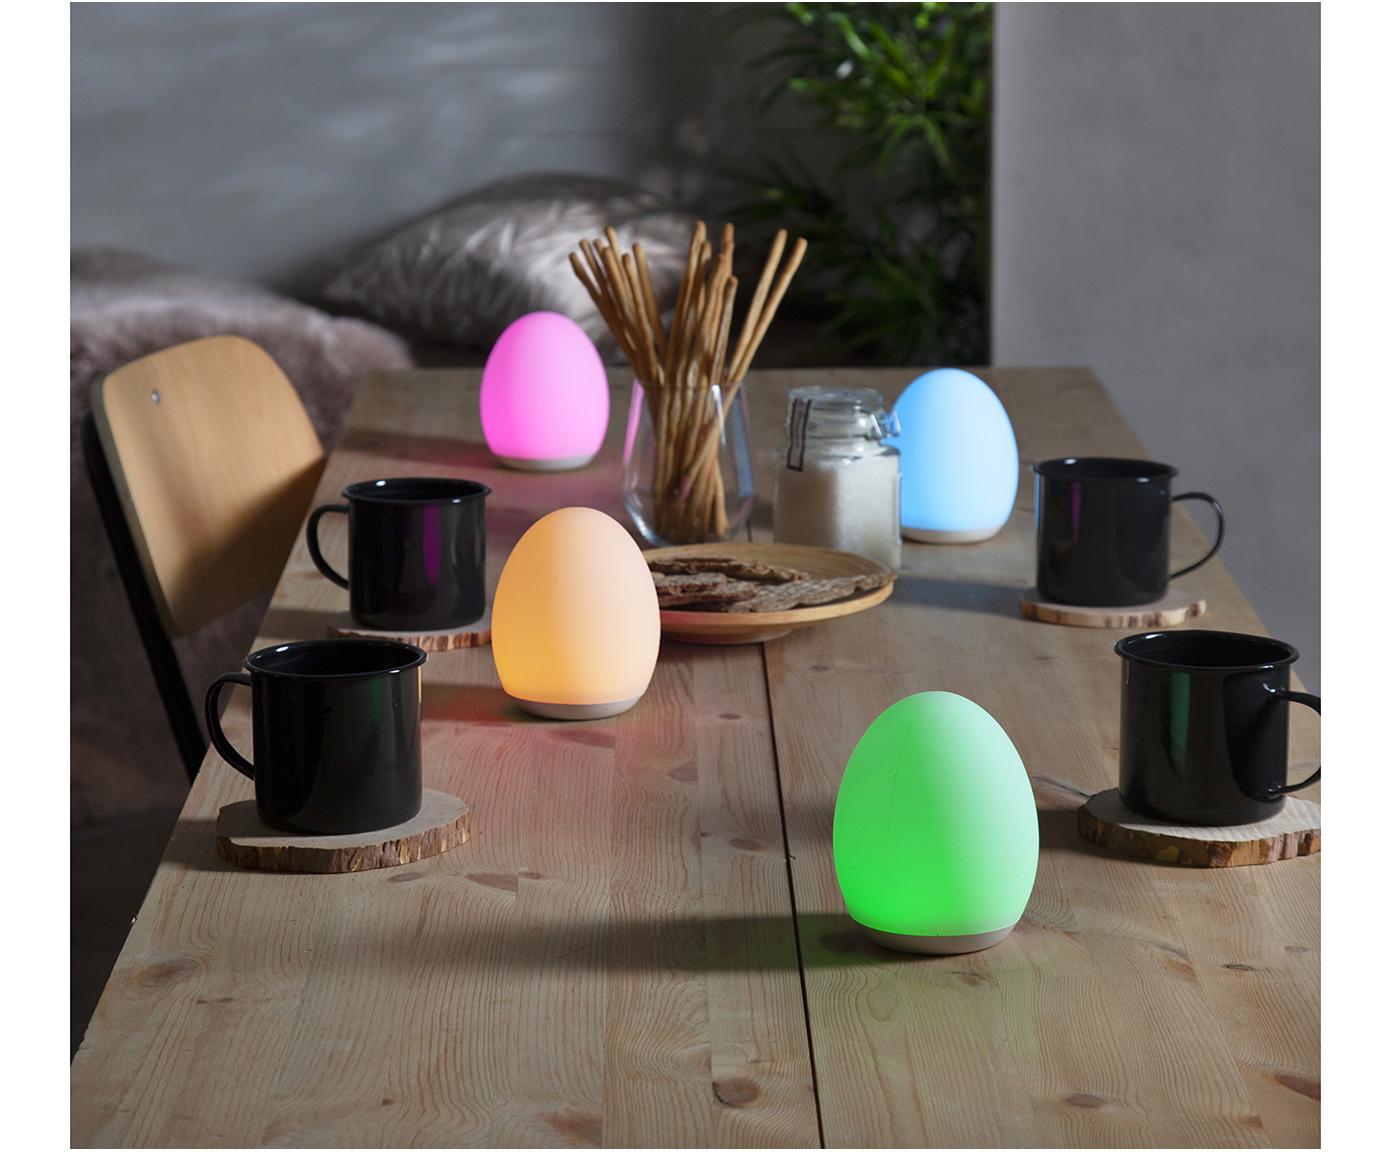 Lampa zewnętrzna LED Nadia, Tworzywo sztuczne (ABS), Biały, Ø 9 x W 11 cm